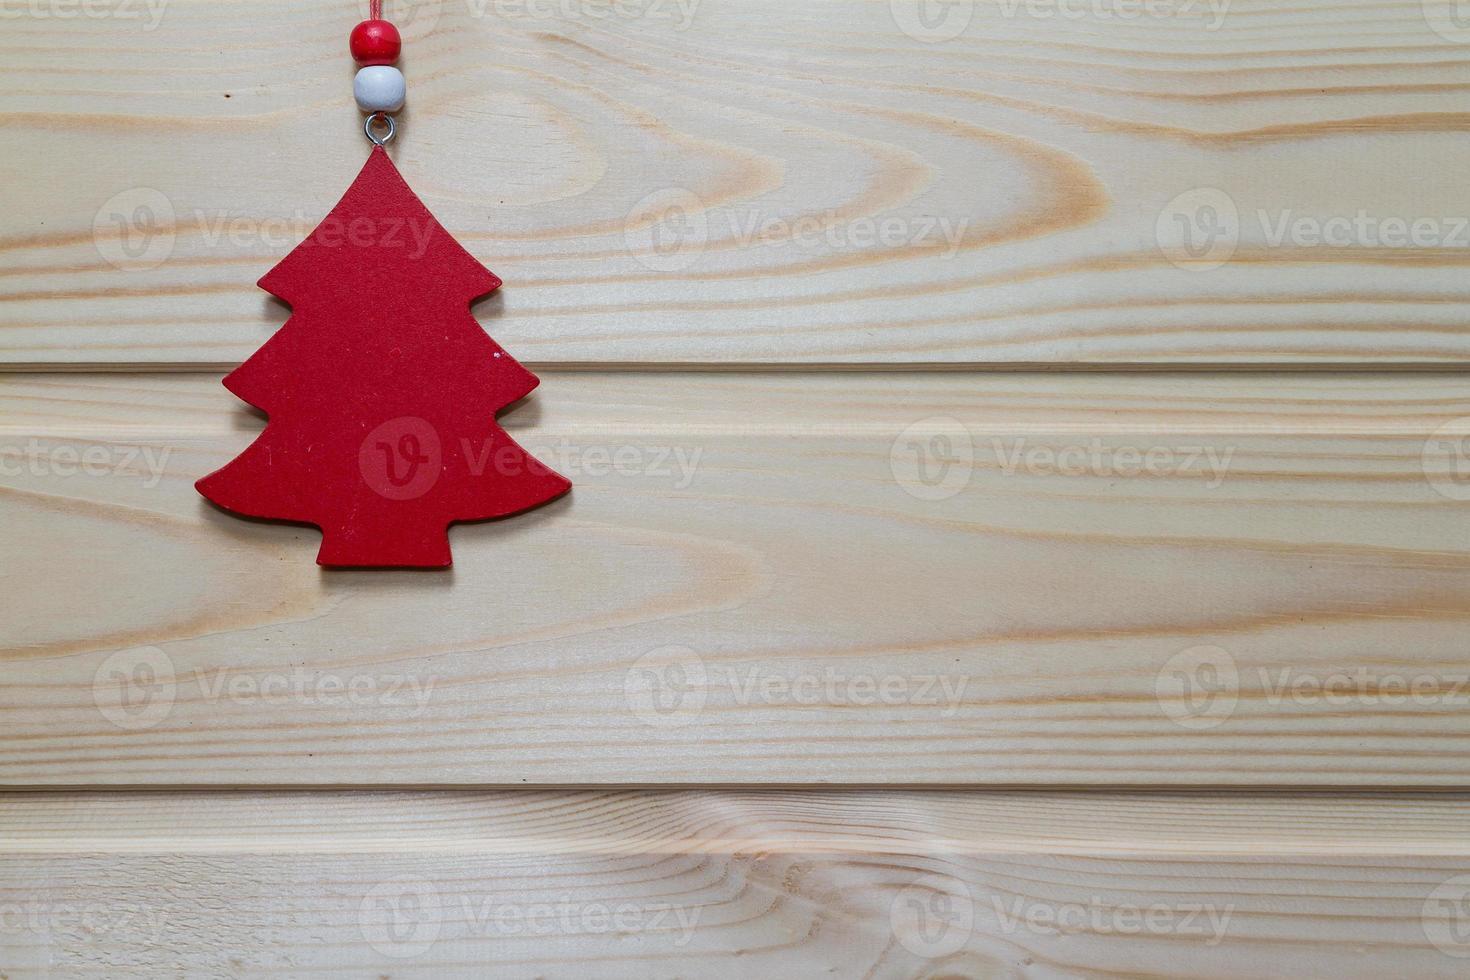 hölzerner hölzerner Hintergrund verziert mit einem Spielzeug. foto